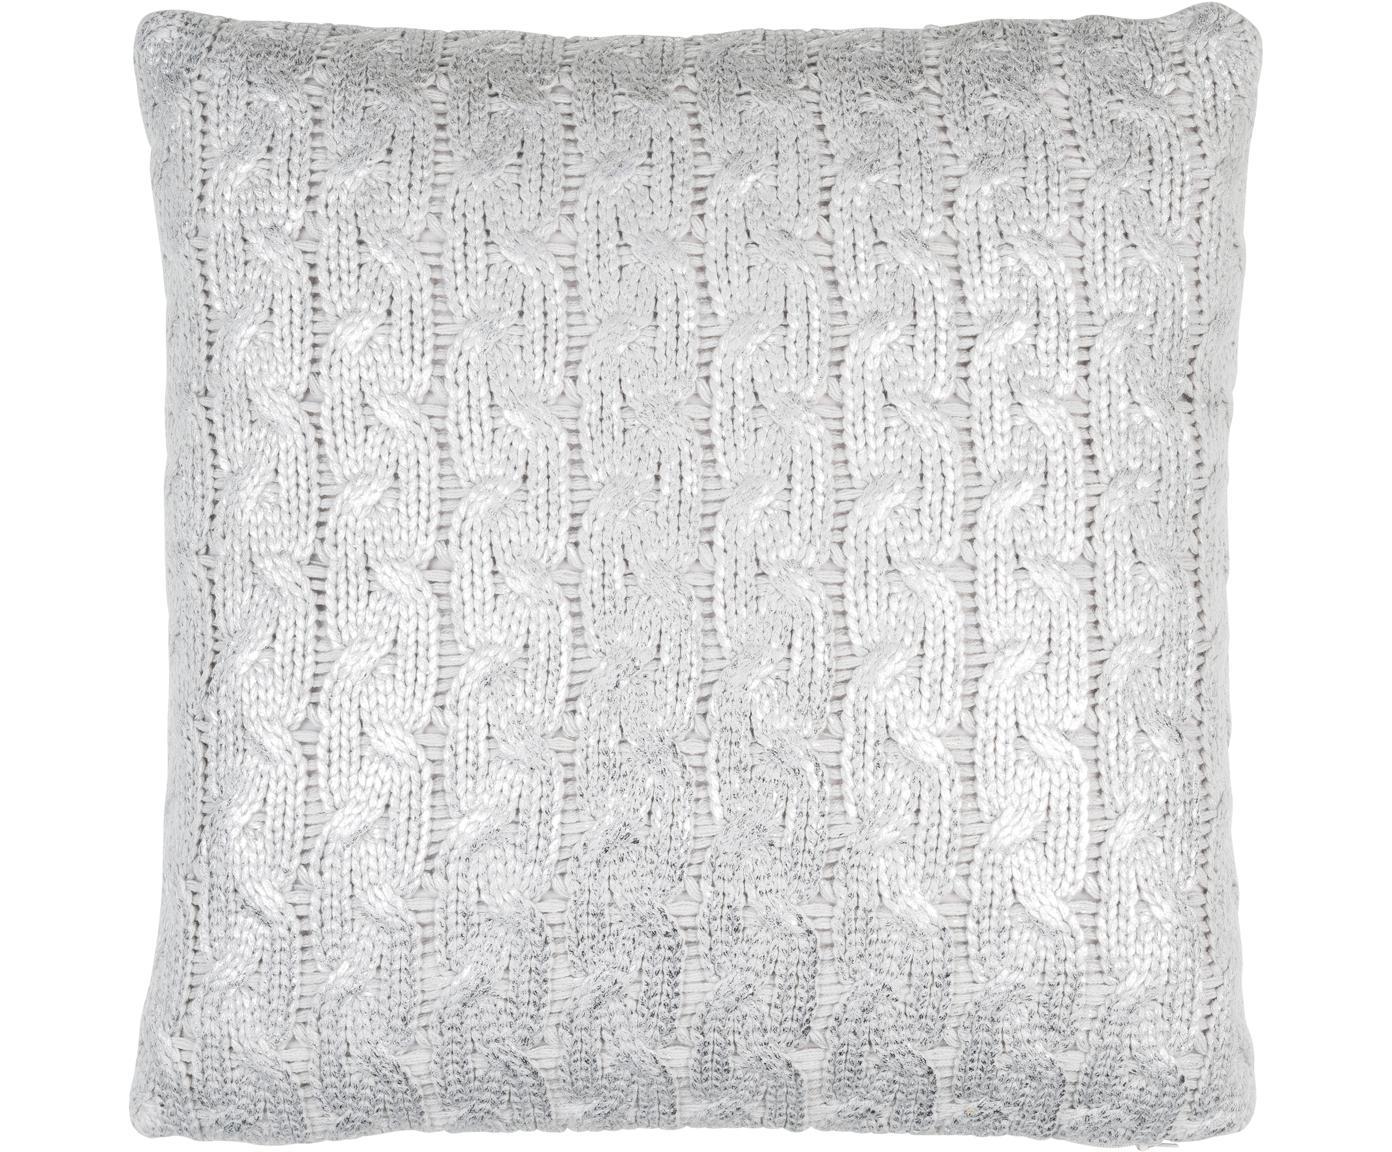 Federa arredo fatta a maglia effetto lucido Trenes, 100% acrilico, Grigio chiaro, argentato, Larg. 45 x Lung. 45 cm